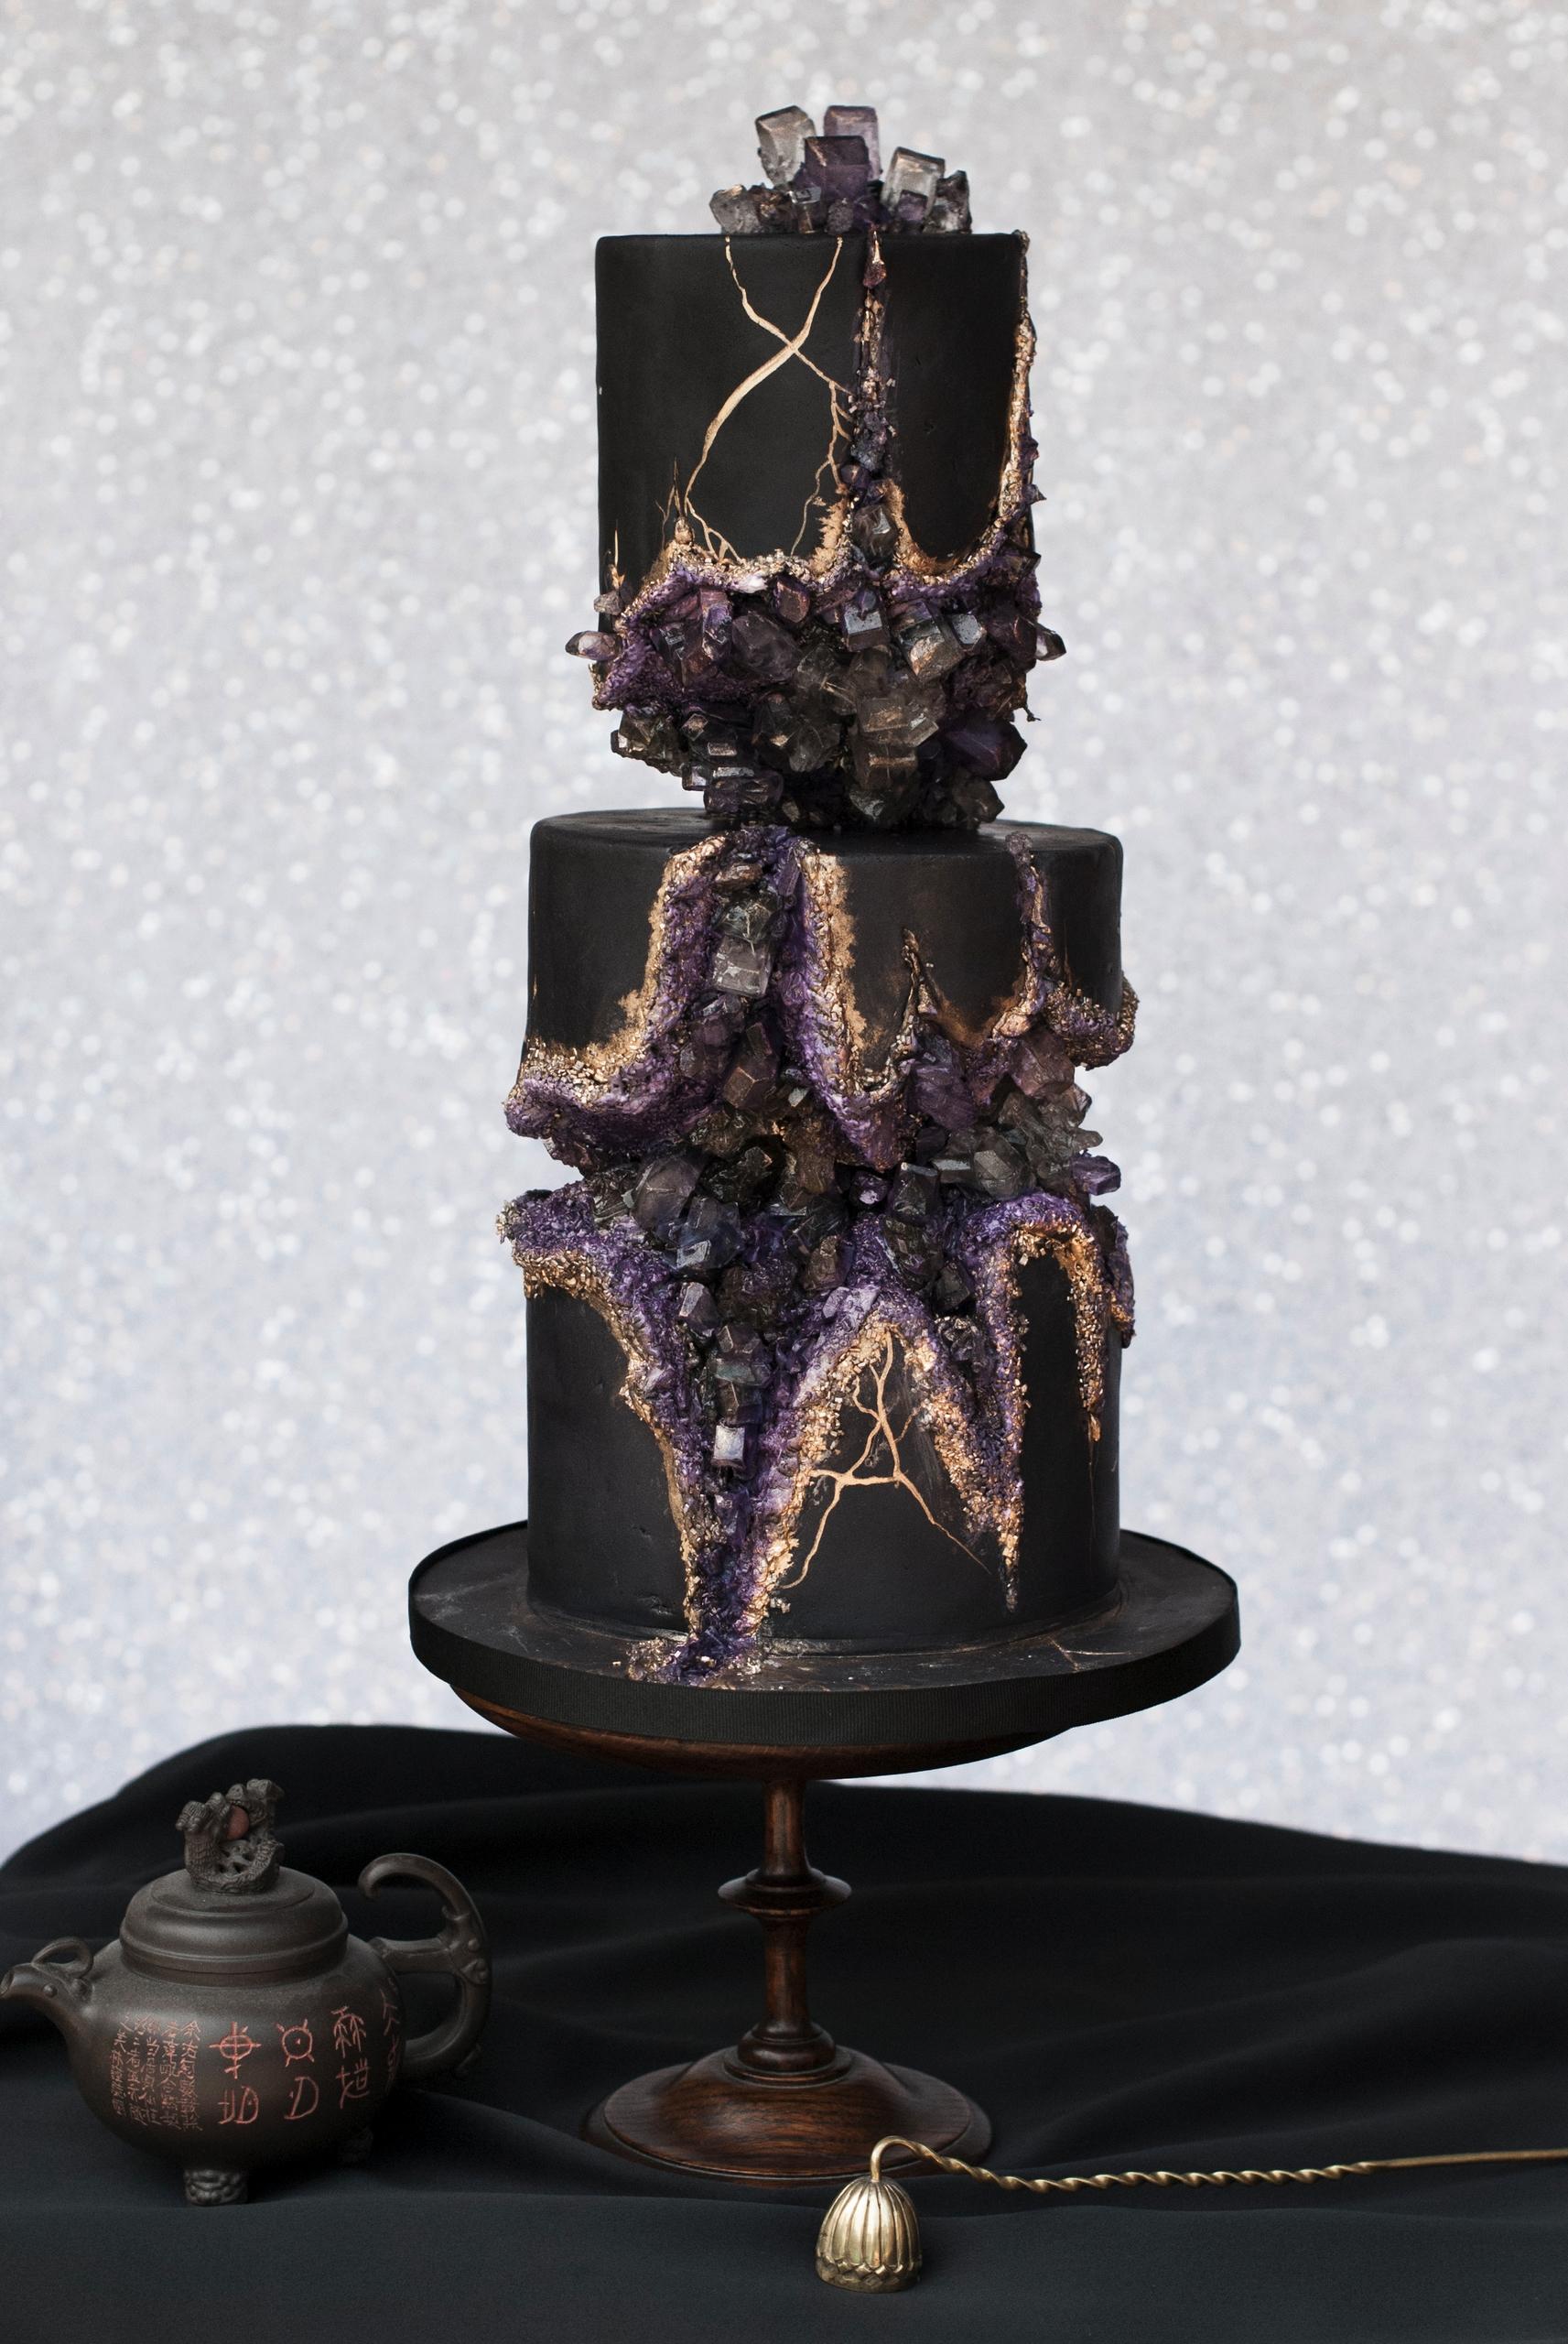 Magical sugar crystal cake - Cake - shelbyelizabethcakes | ello